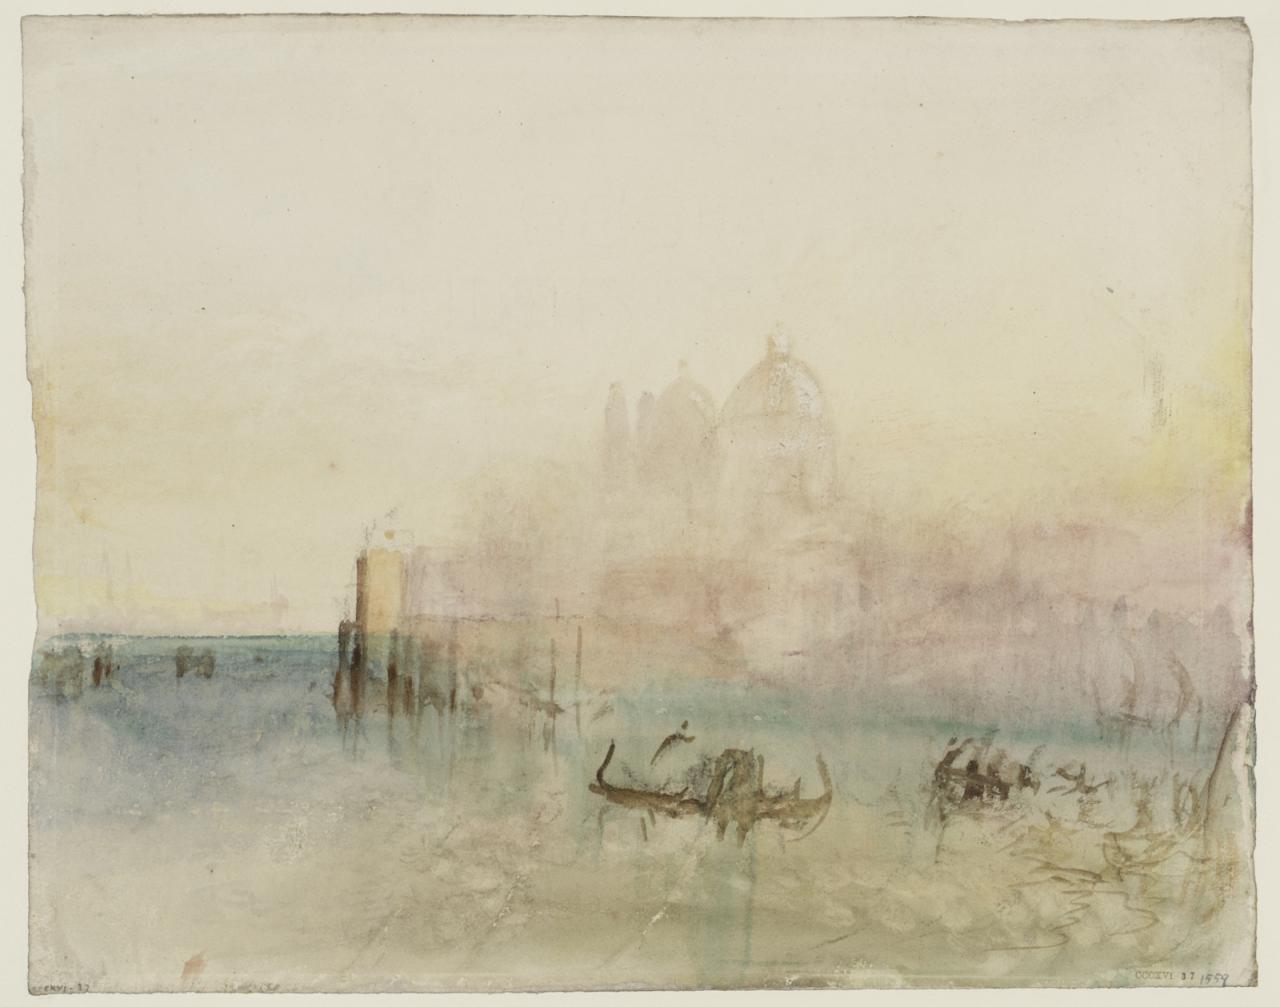 约瑟夫.马洛.威廉.泰纳《威尼斯:船坞旁的安康圣母圣殿》的图片